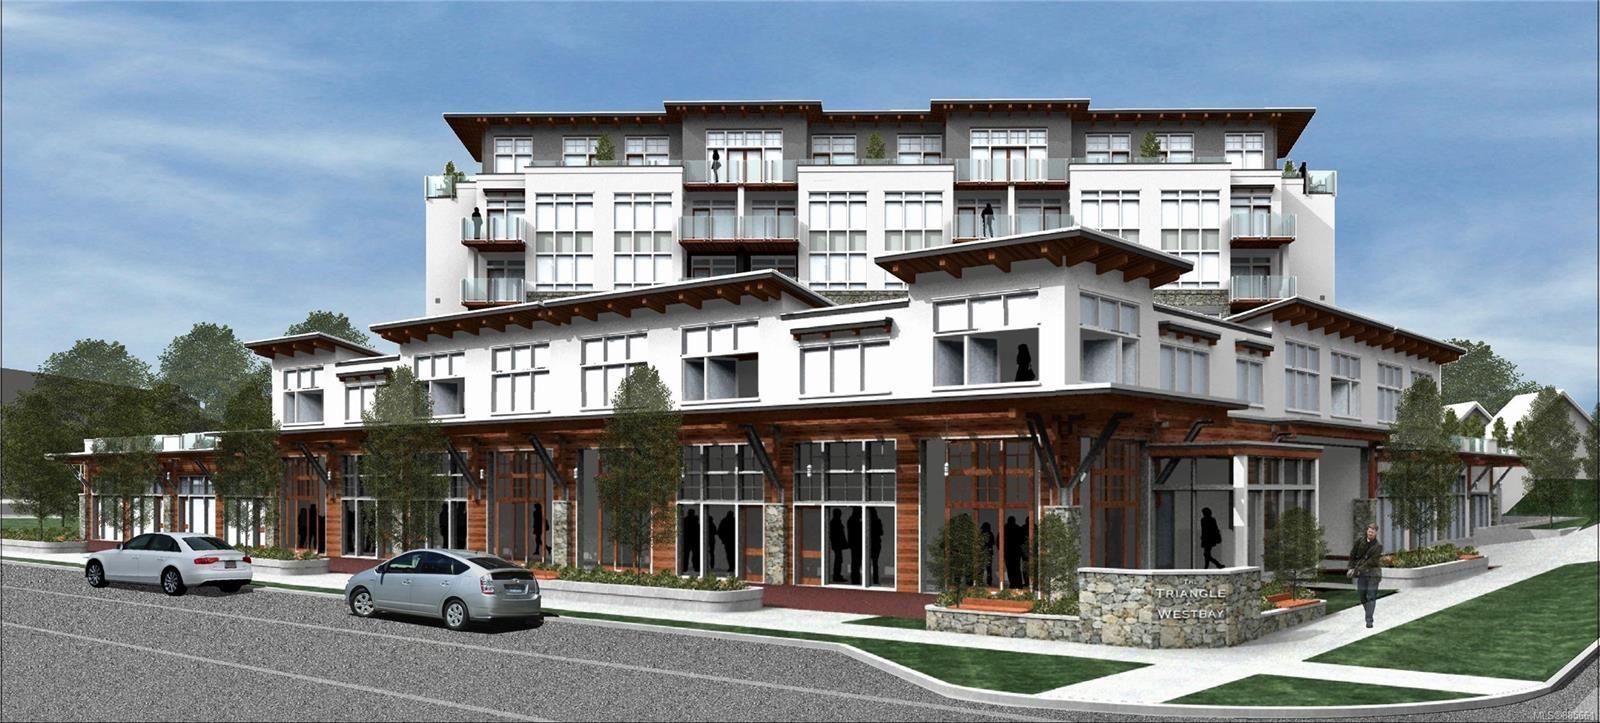 Main Photo: 107 916 Lyall St in : Es Esquimalt Condo for sale (Esquimalt)  : MLS®# 885661